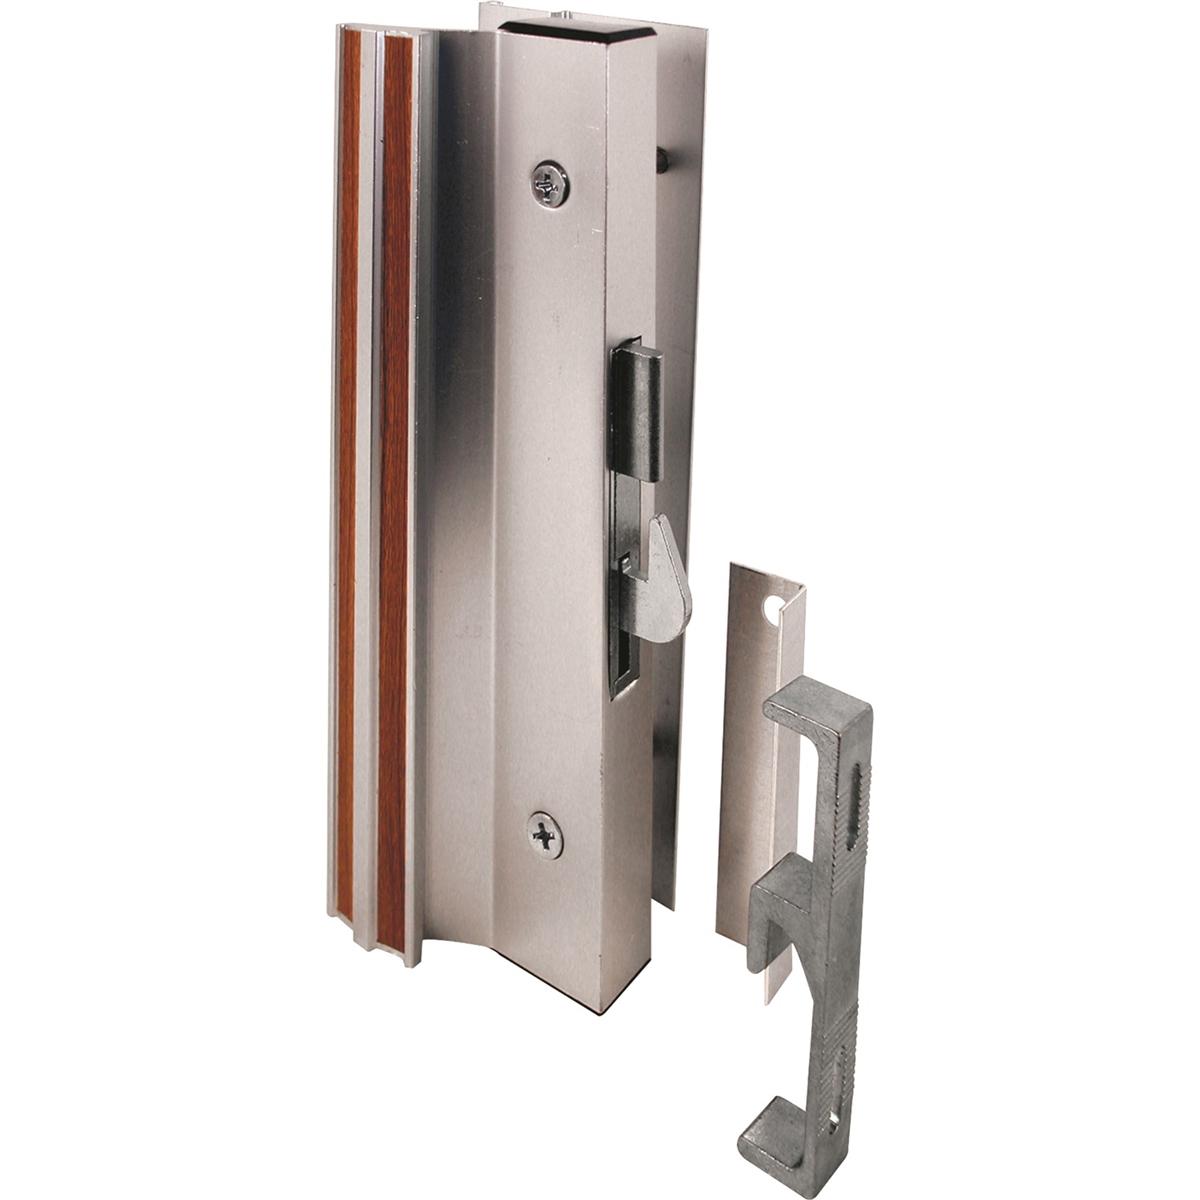 Prime Line C 1000 Sliding Glass Door Handle Lock Hook Style